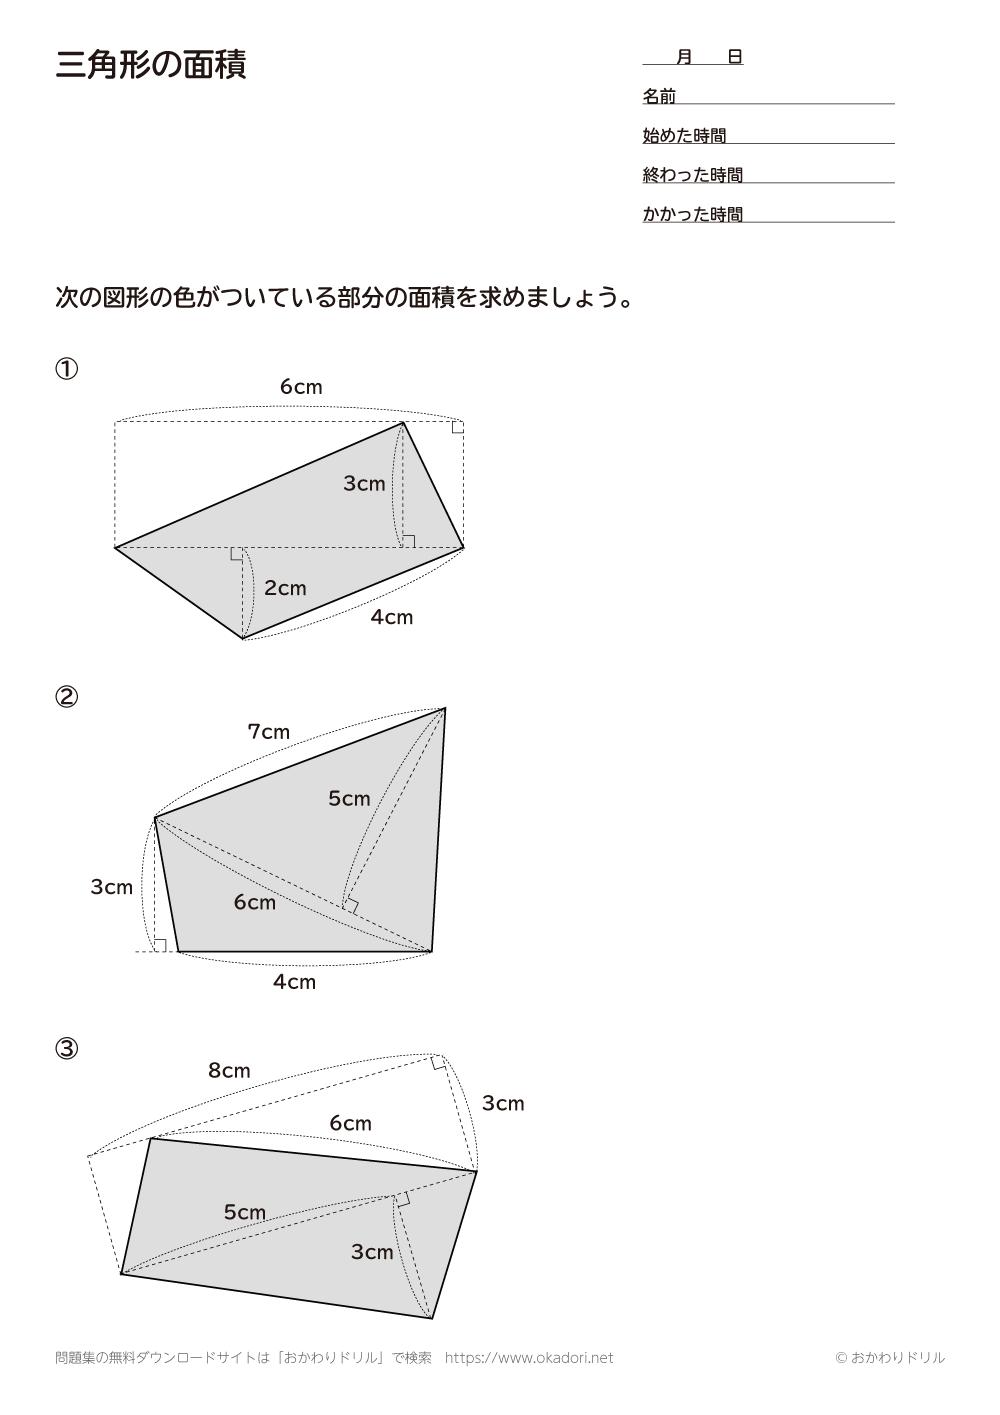 三角形の面積6